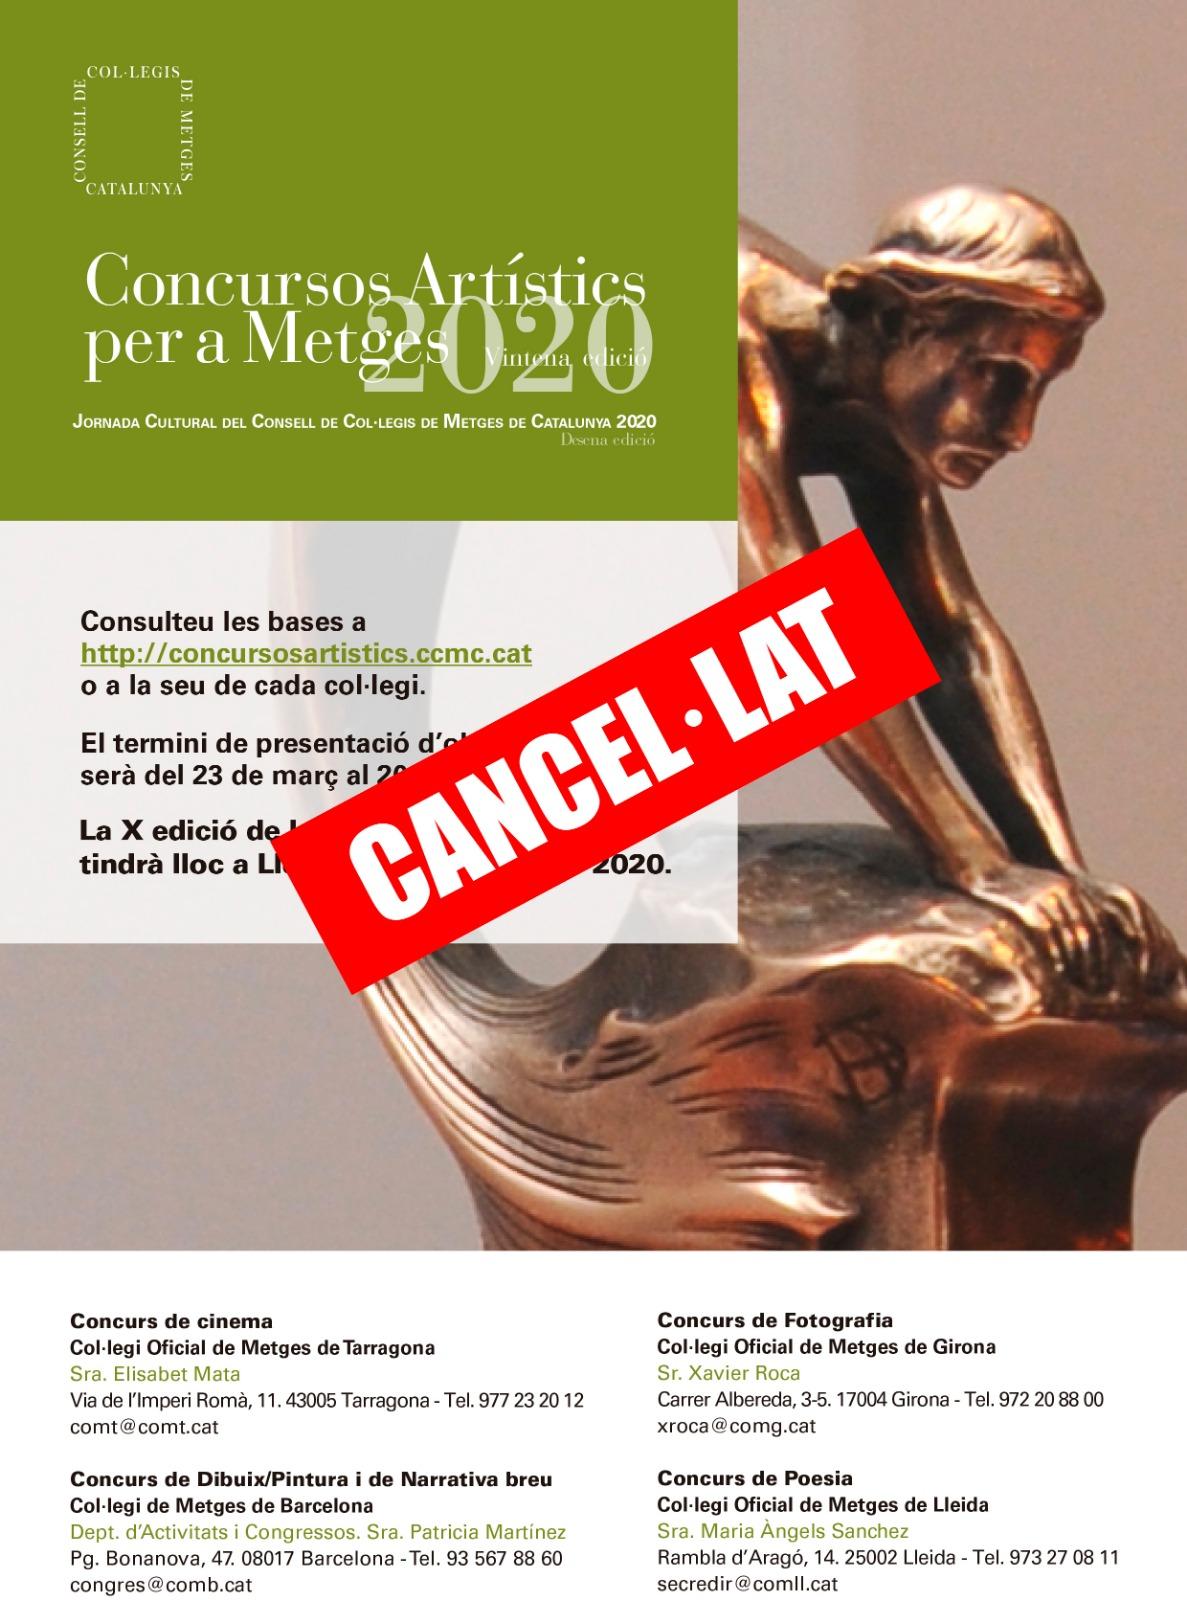 Cancel·lació Concurs Artístic